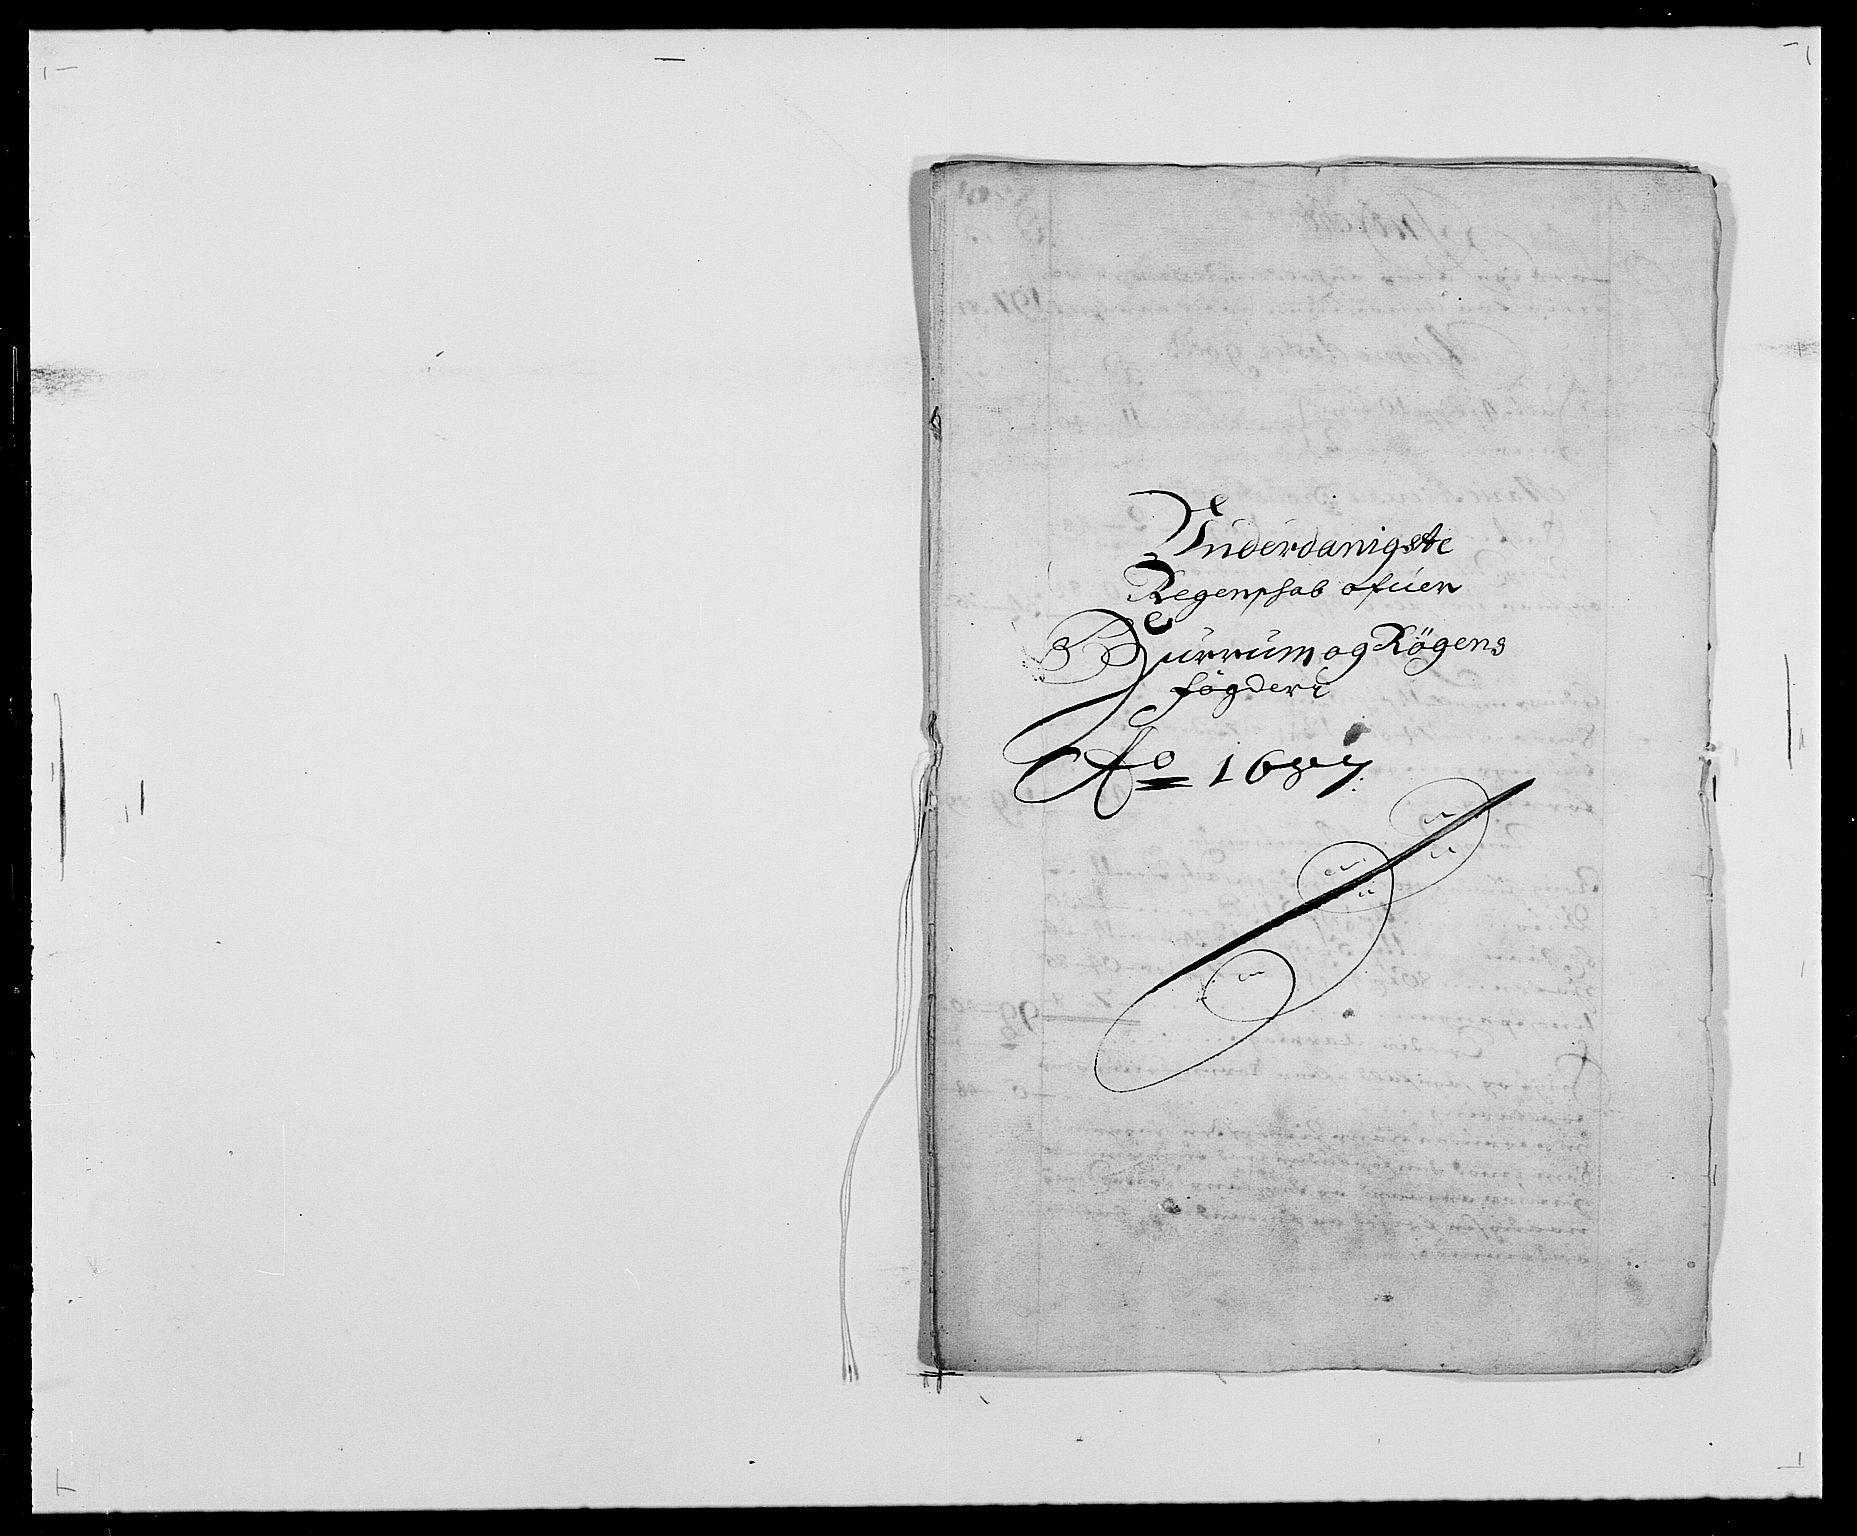 RA, Rentekammeret inntil 1814, Reviderte regnskaper, Fogderegnskap, R29/L1692: Fogderegnskap Hurum og Røyken, 1682-1687, s. 304